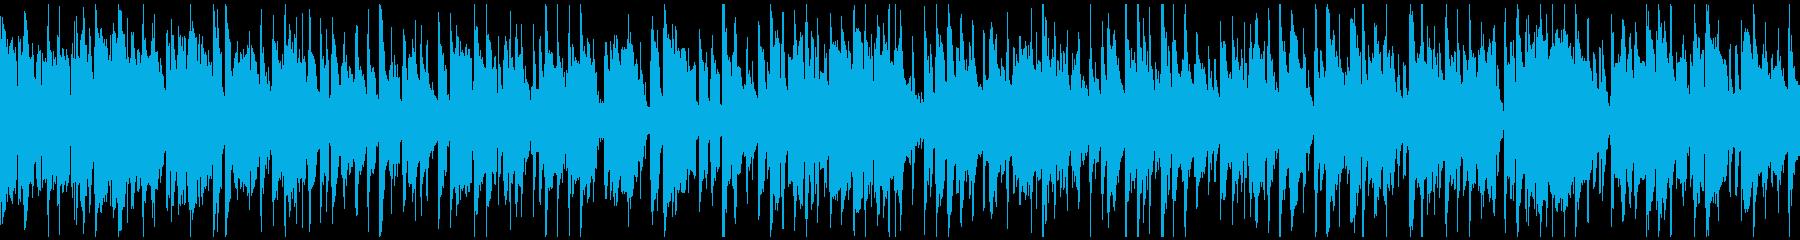 スタイリッシュなクラブジャズ ※ループ版の再生済みの波形